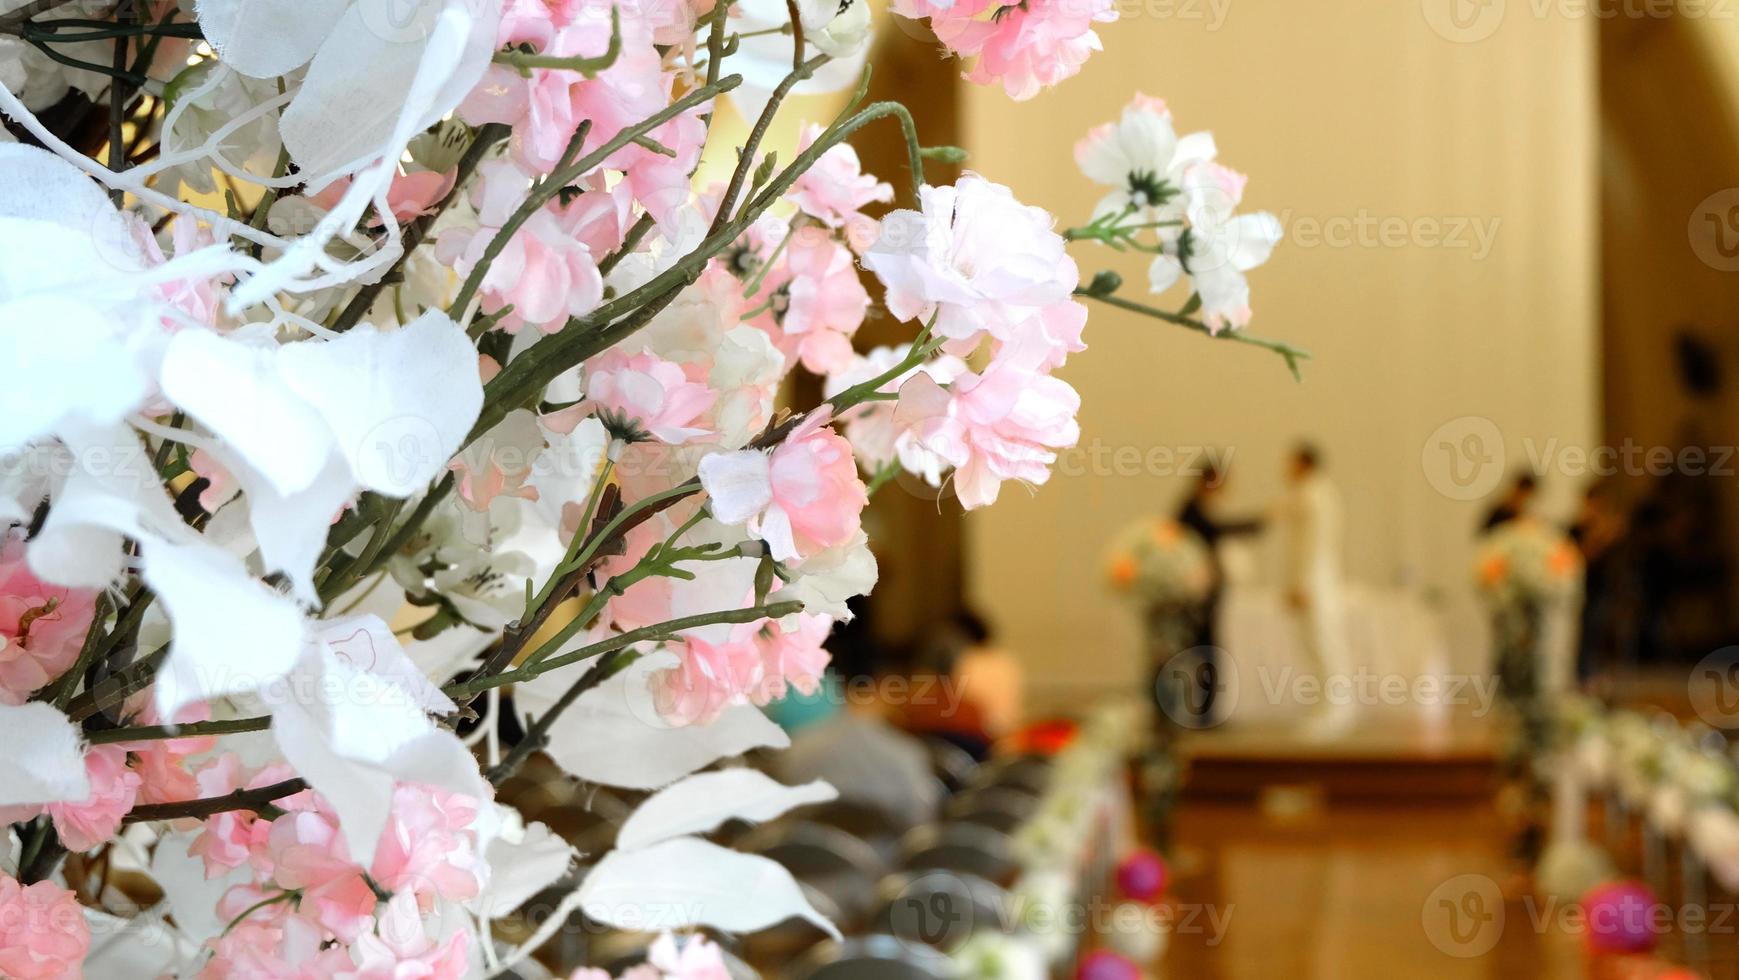 decorações de casamento internas foto